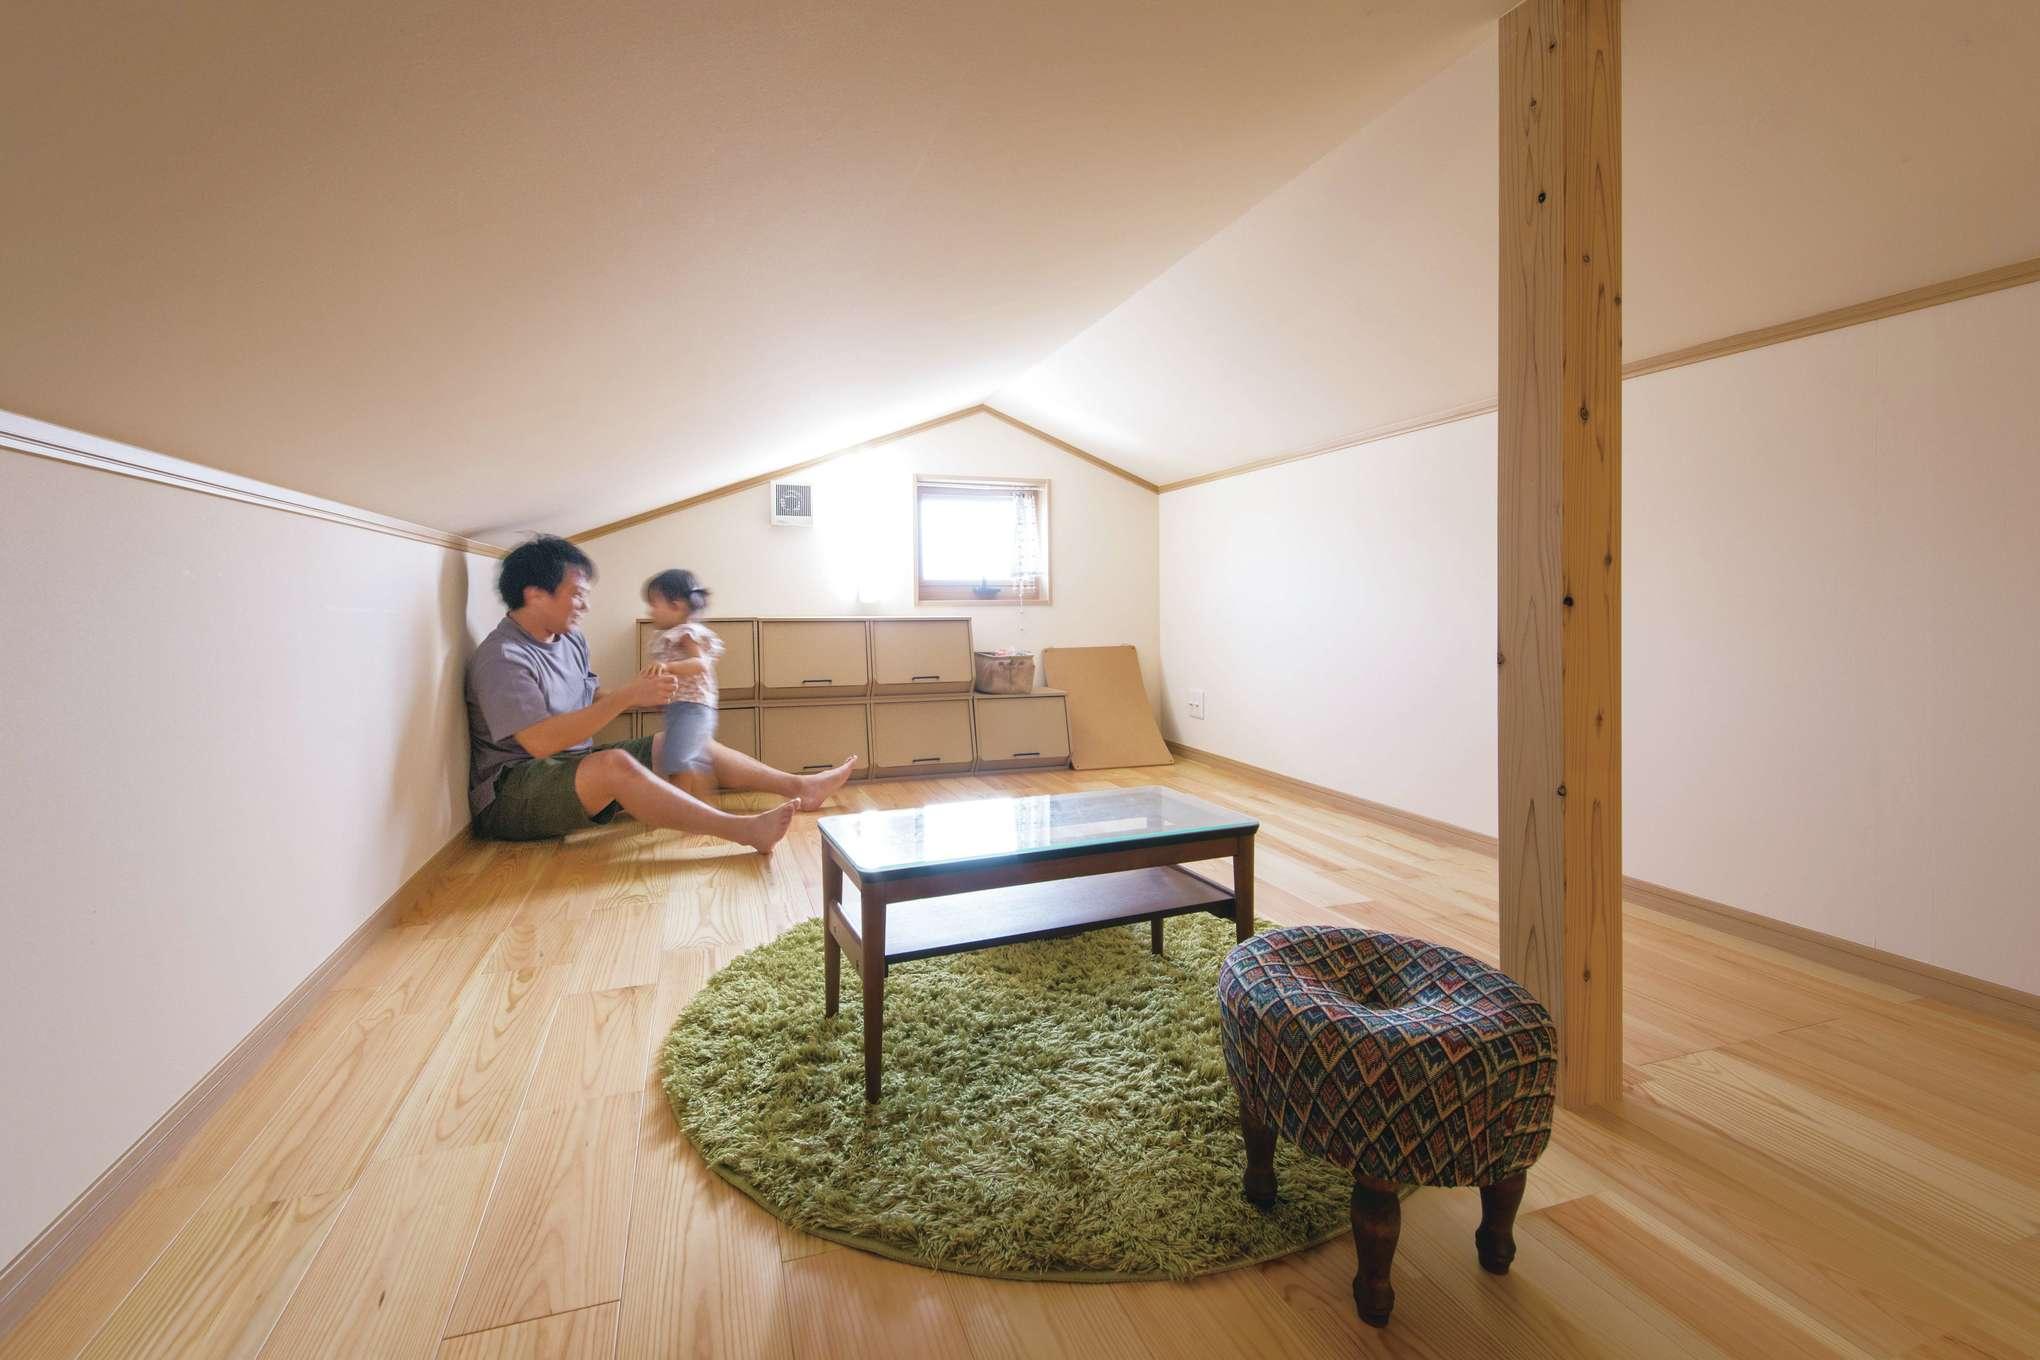 田畑工事【子育て、自然素材、省エネ】普通の家なら暑くていられない小屋裏も、「雨楽な家」なら快適に過ごせる